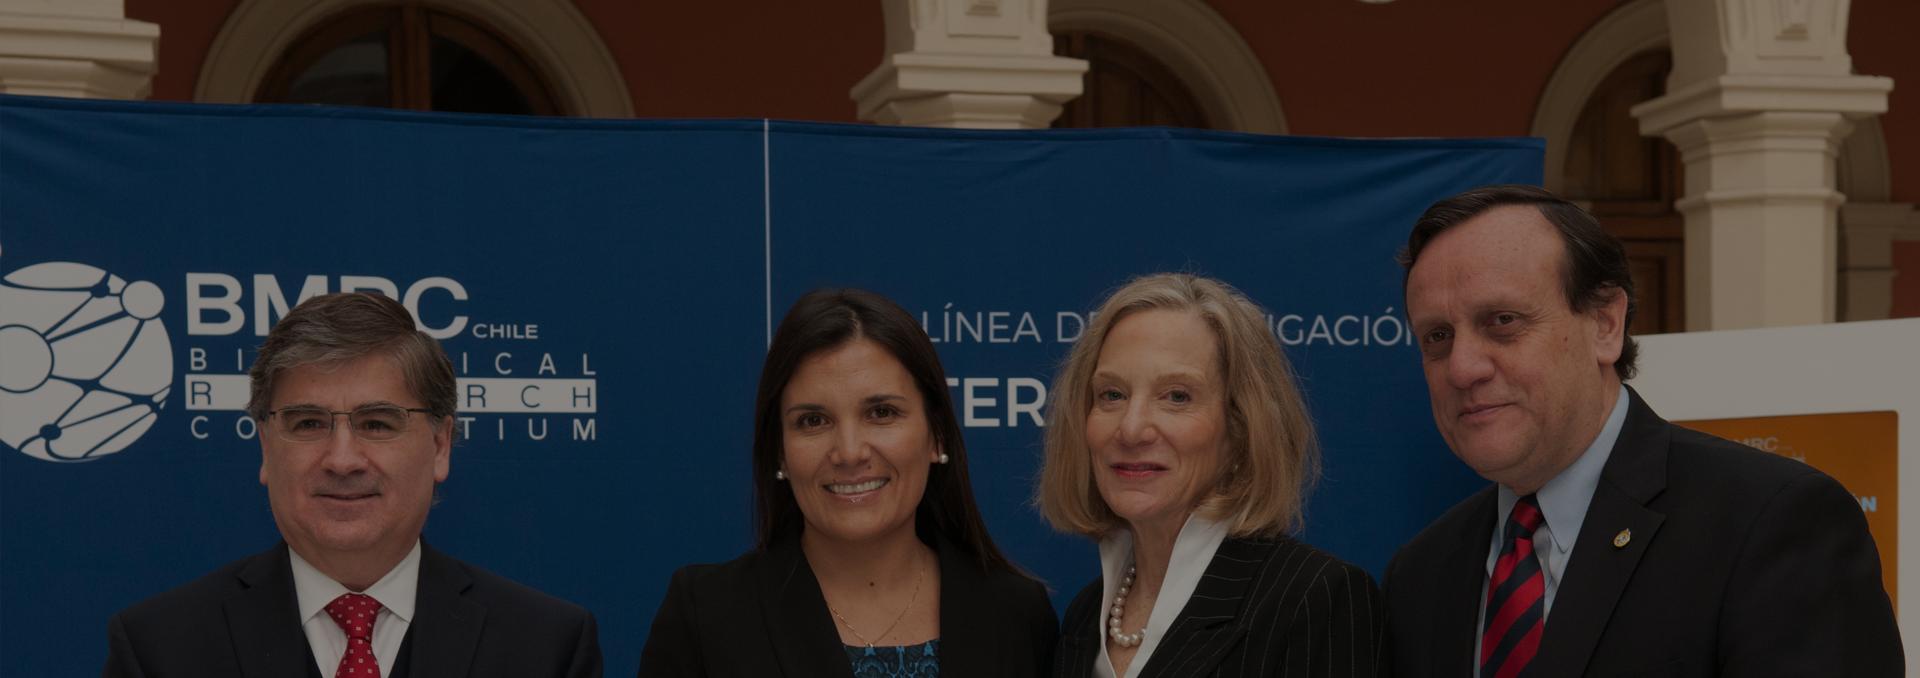 BMRC celebra 10 años de exitosa investigación en biomedicina